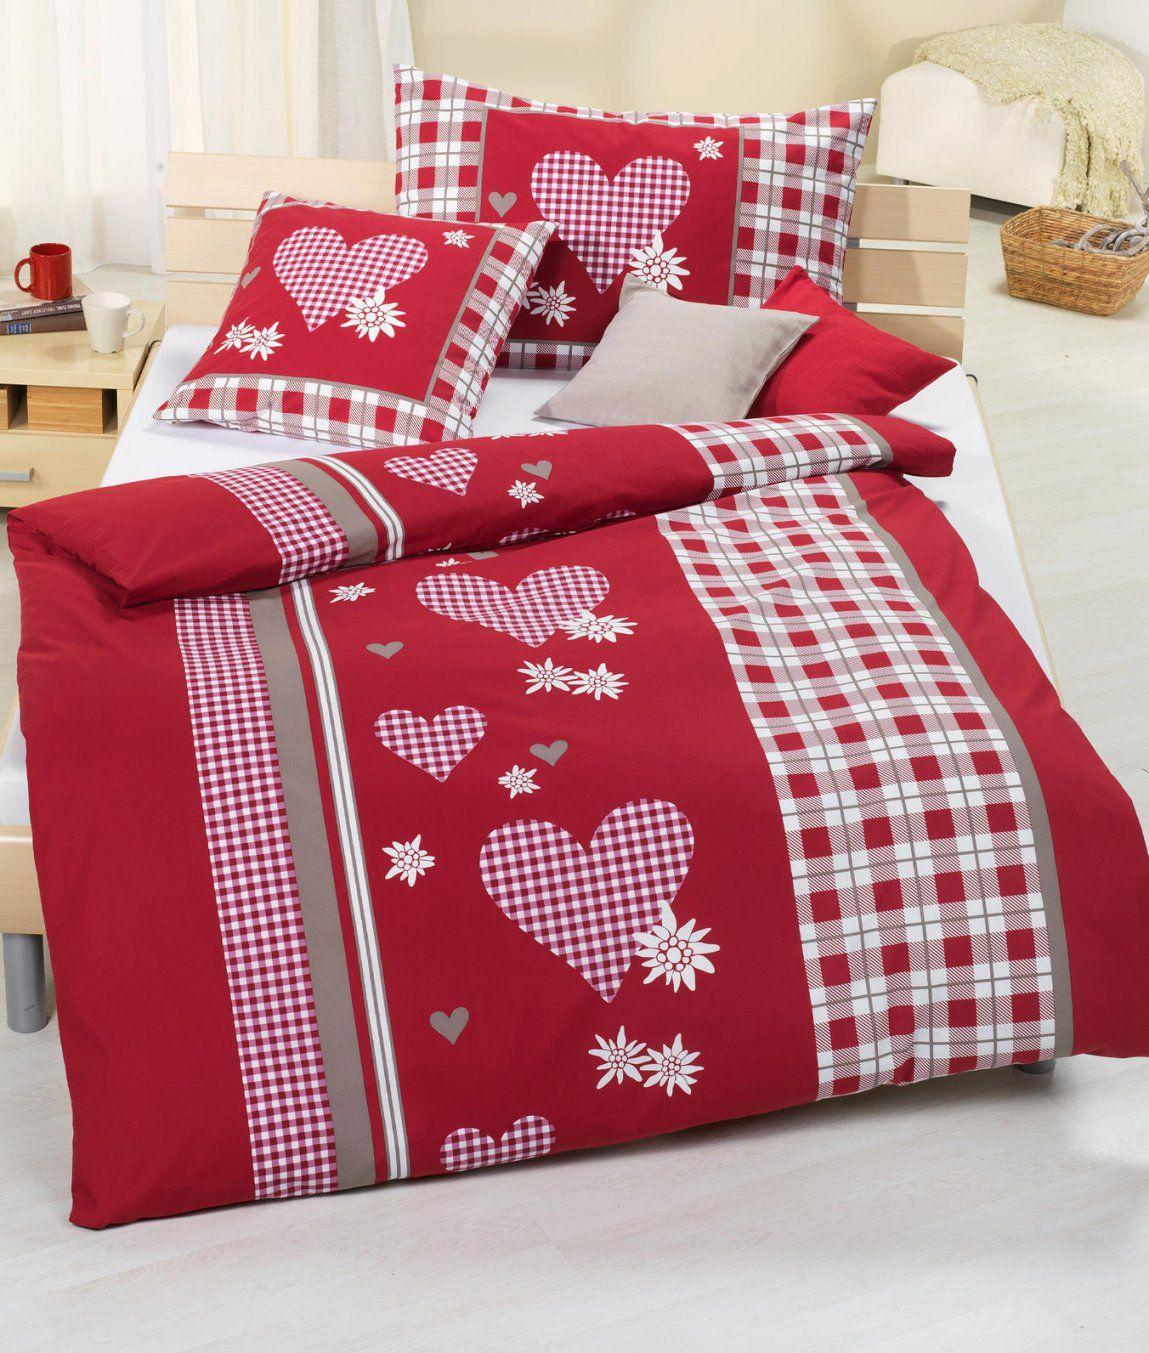 Bettwäsche Säntis Rot Baumwolle Renforcé Kaufen  Angela Bruderer von Rot Weiß Karierte Bettwäsche Photo